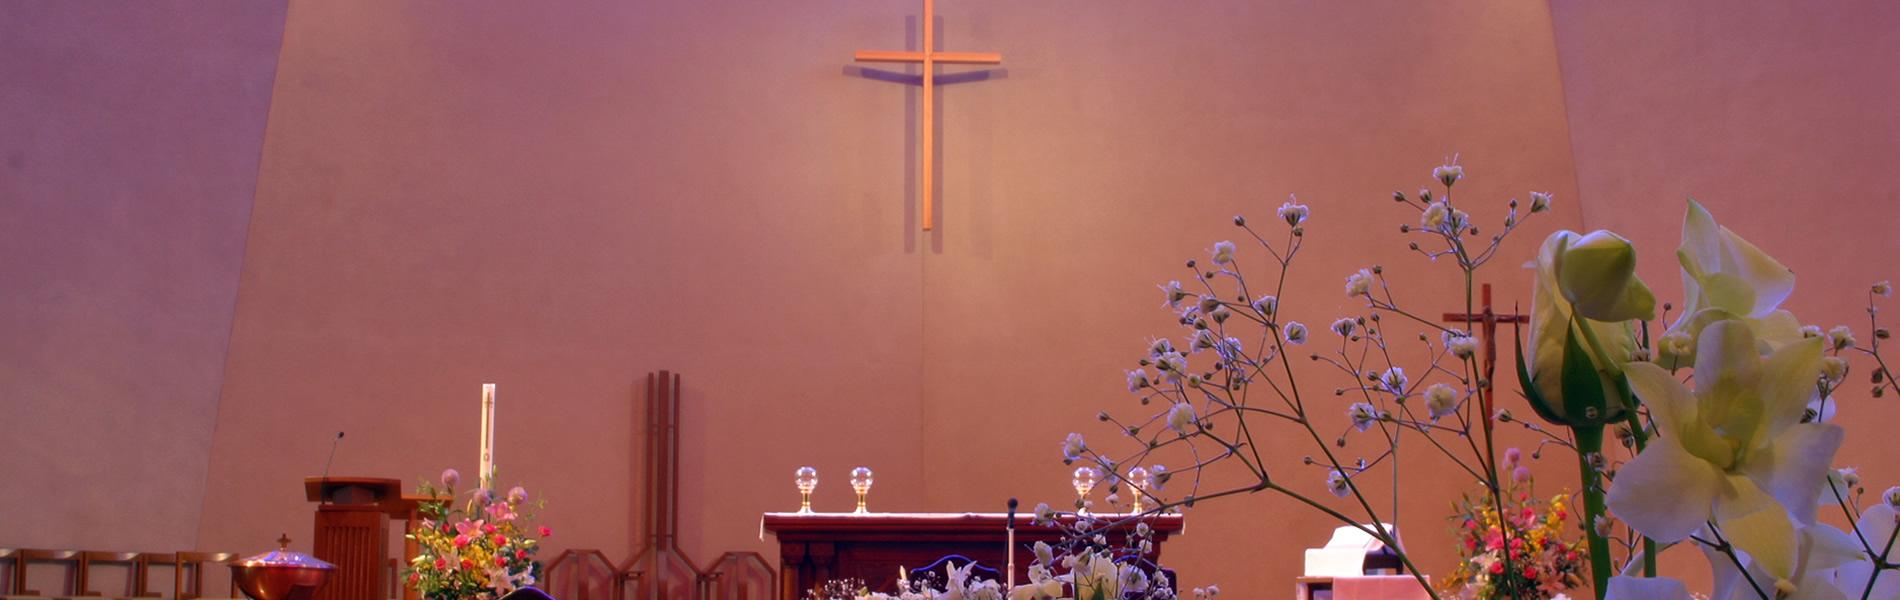 結婚式の祭壇